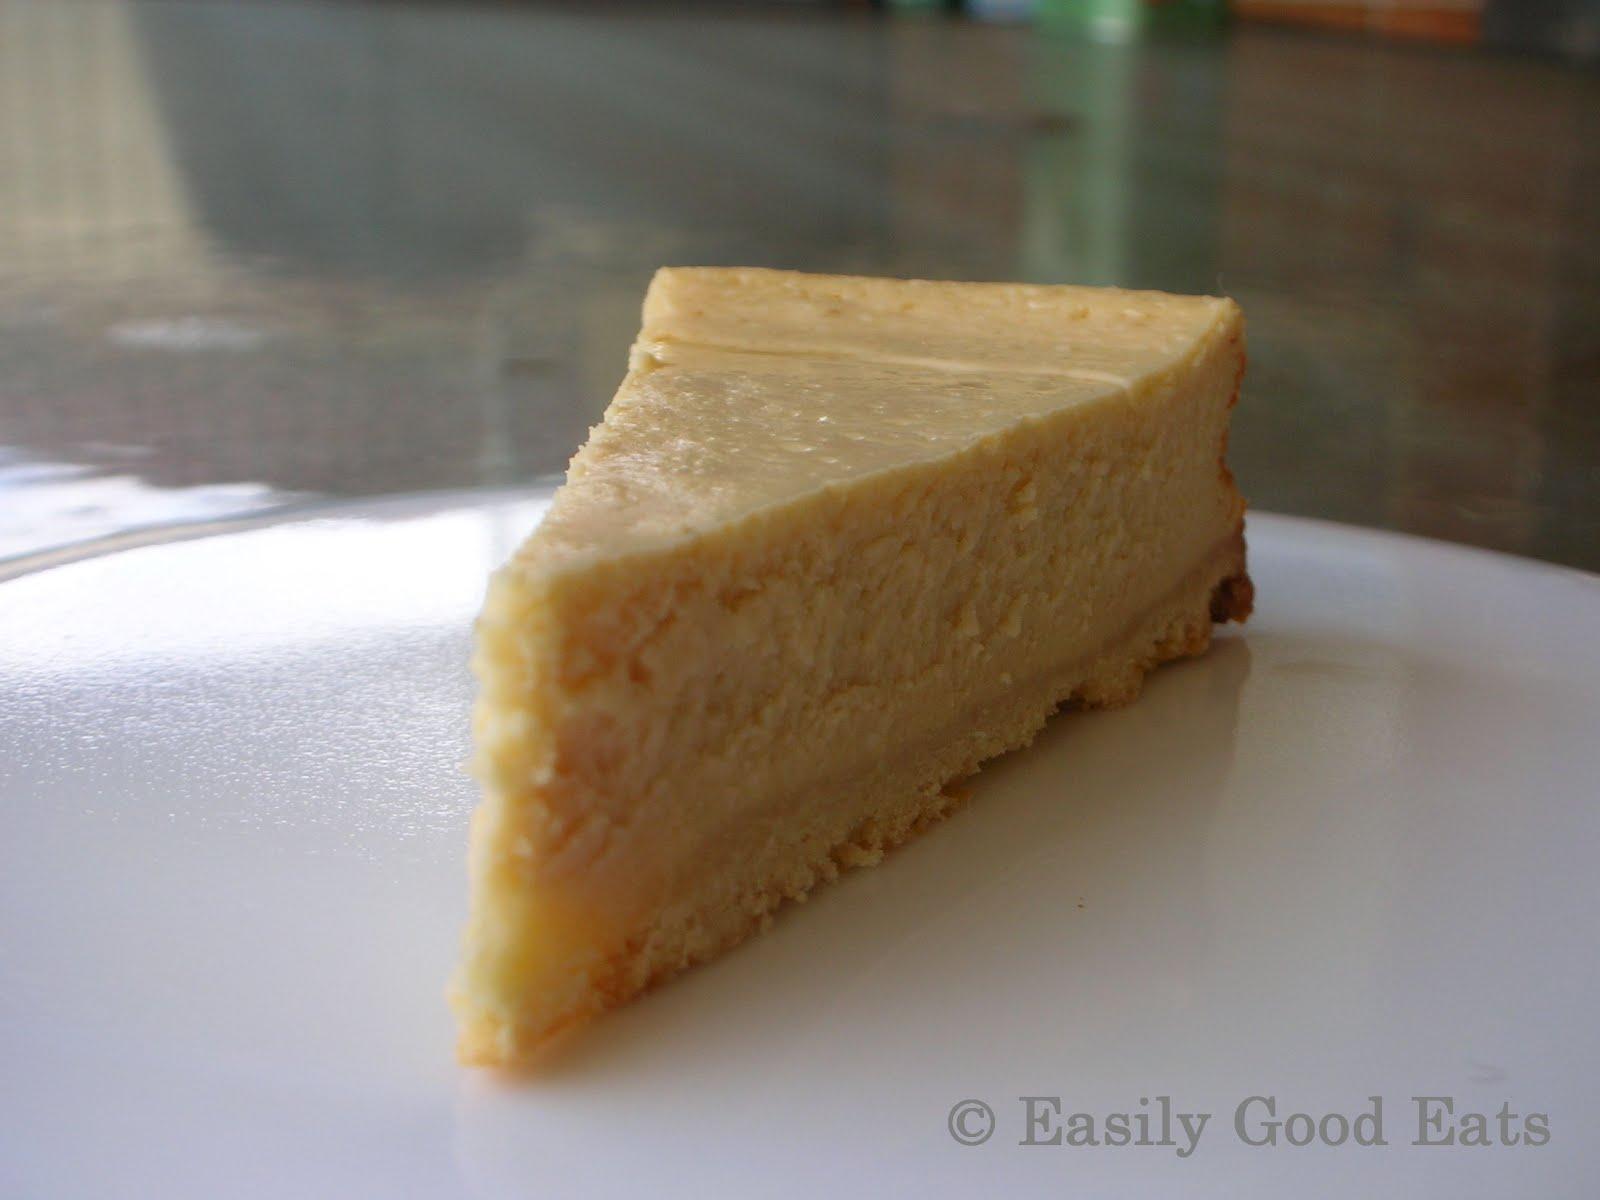 Easily Good Eats: Dulce De Leche Cheesecake Recipe